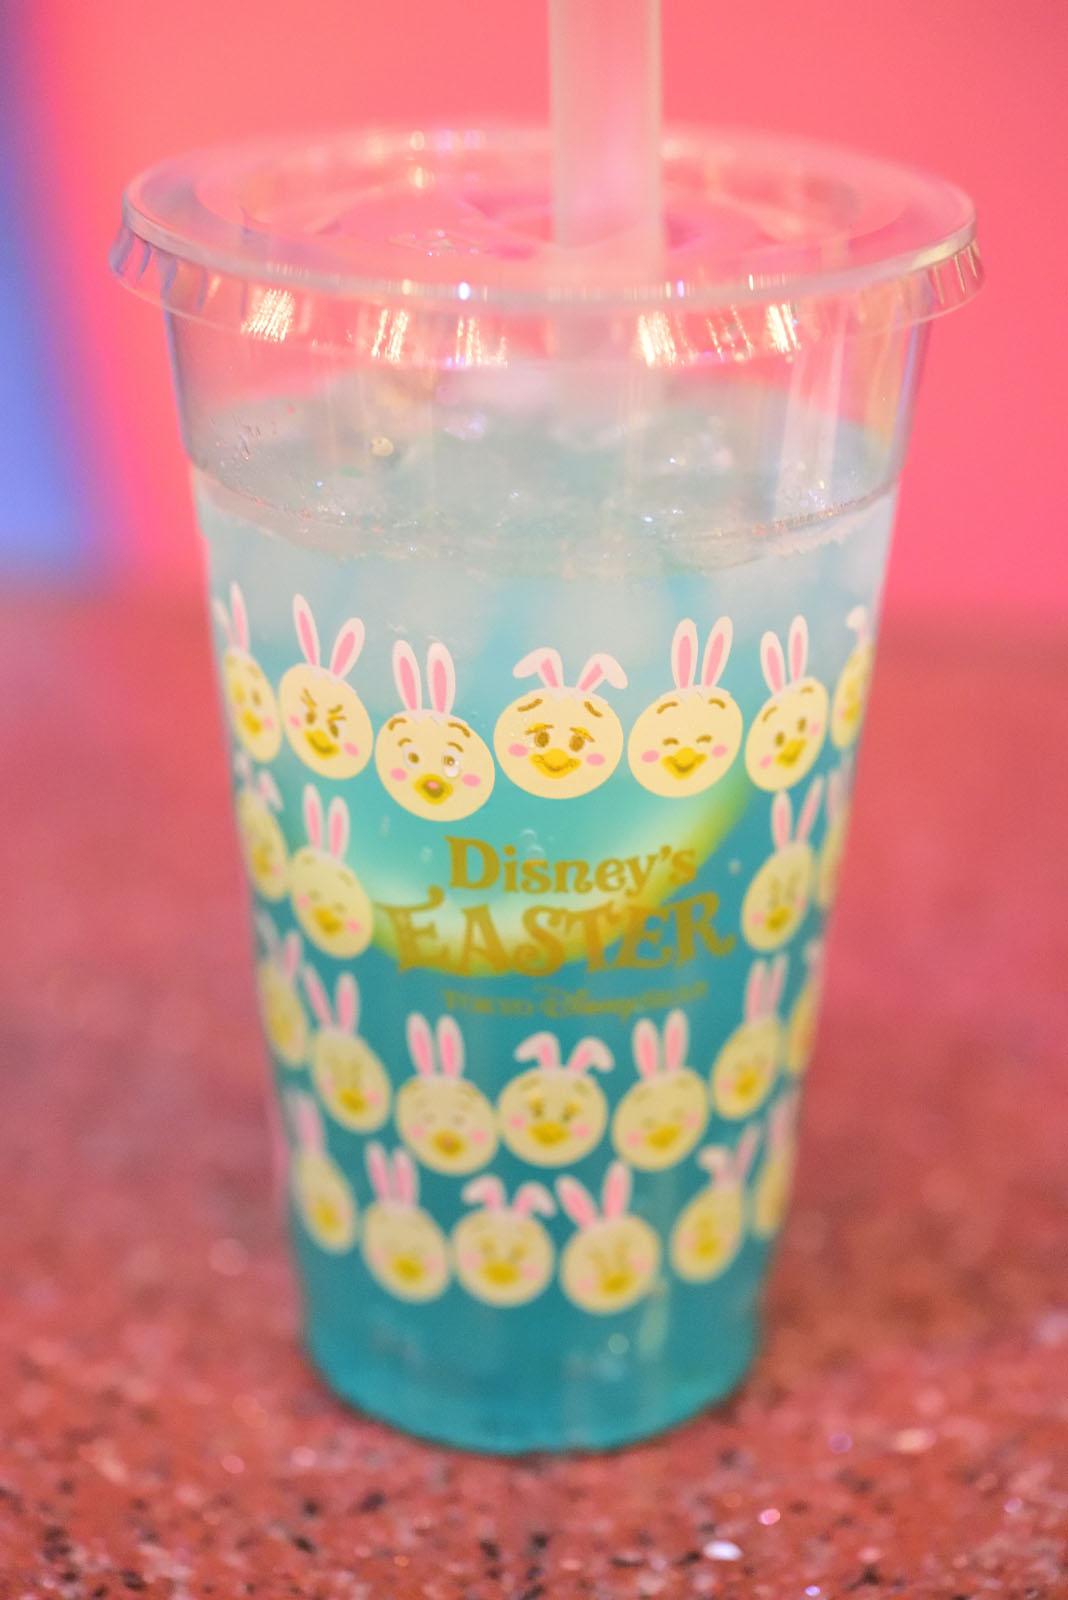 ディズニー・イースター2019 スパークリングゼリードリンク(レモン&ジンジャー)